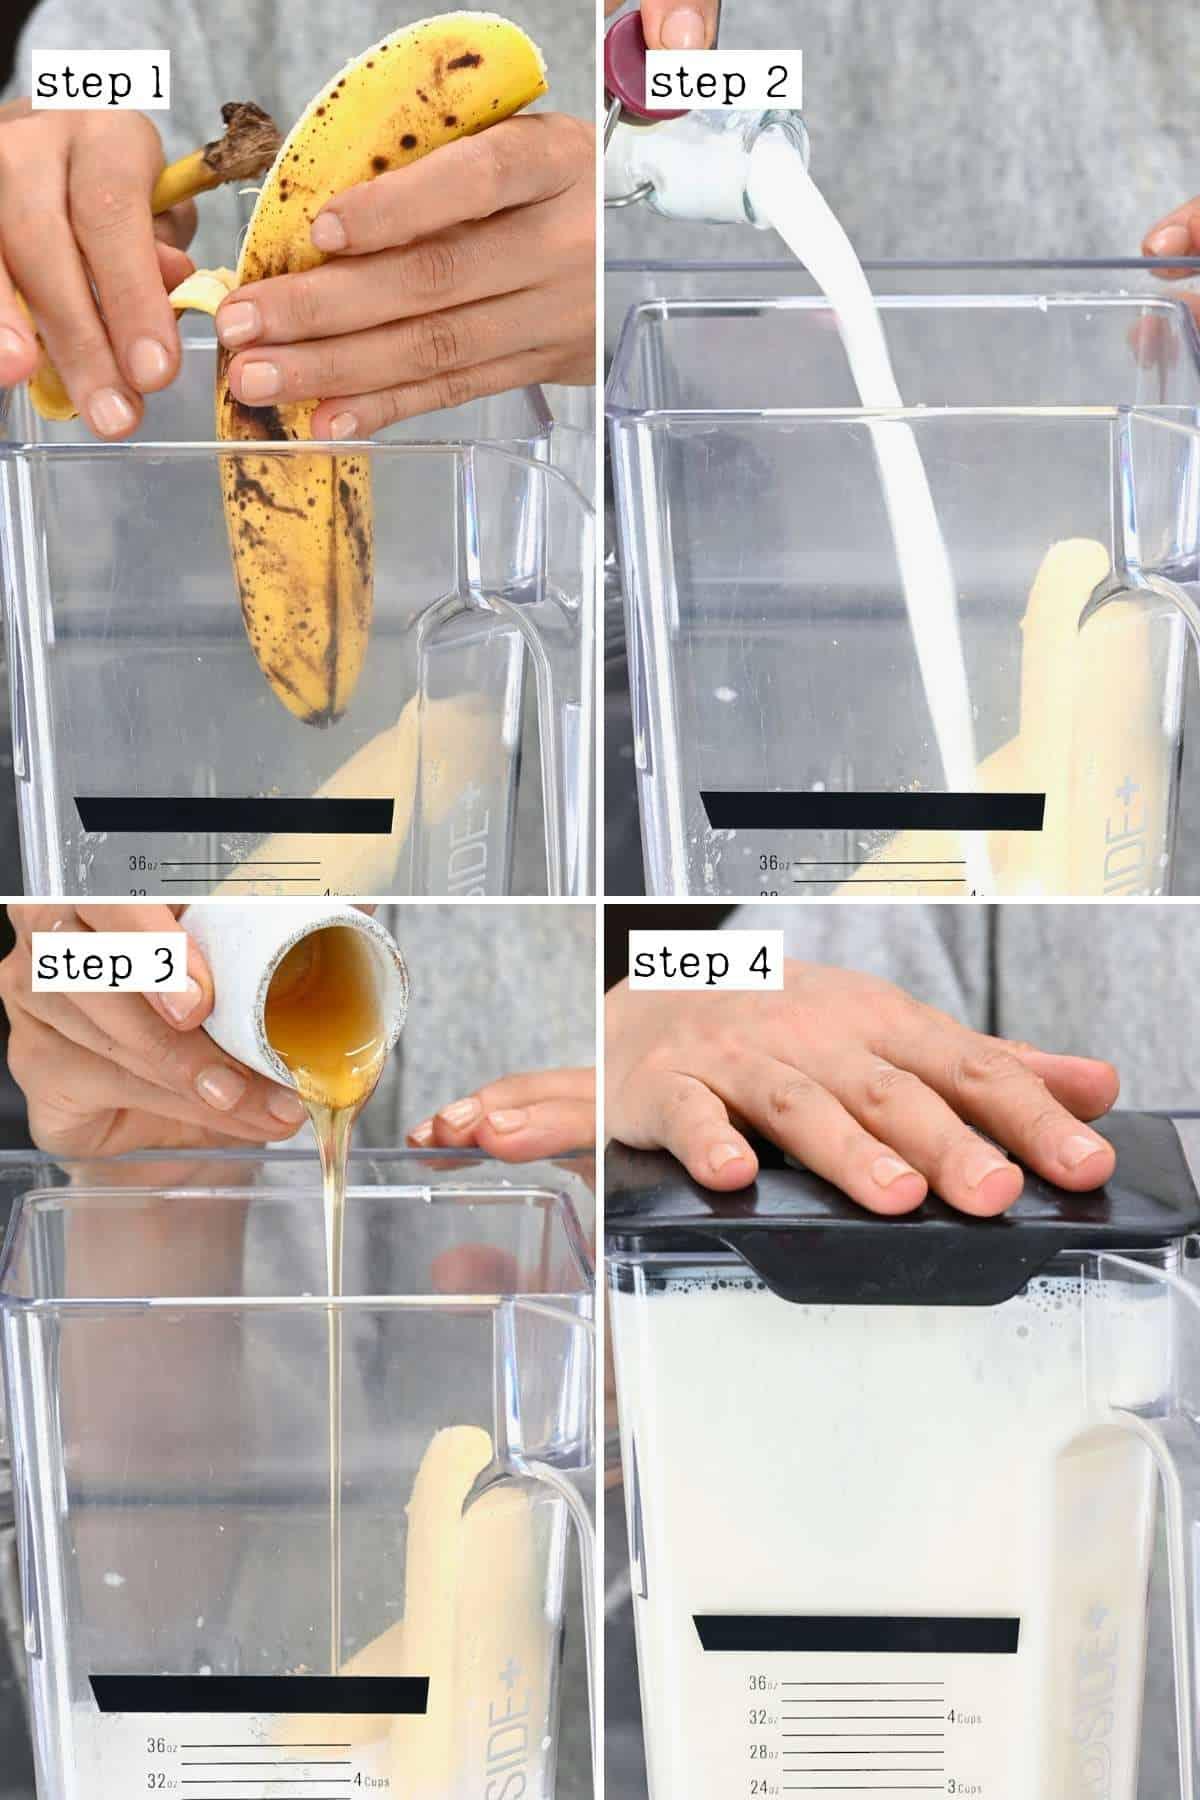 Steps for making banana milkshake